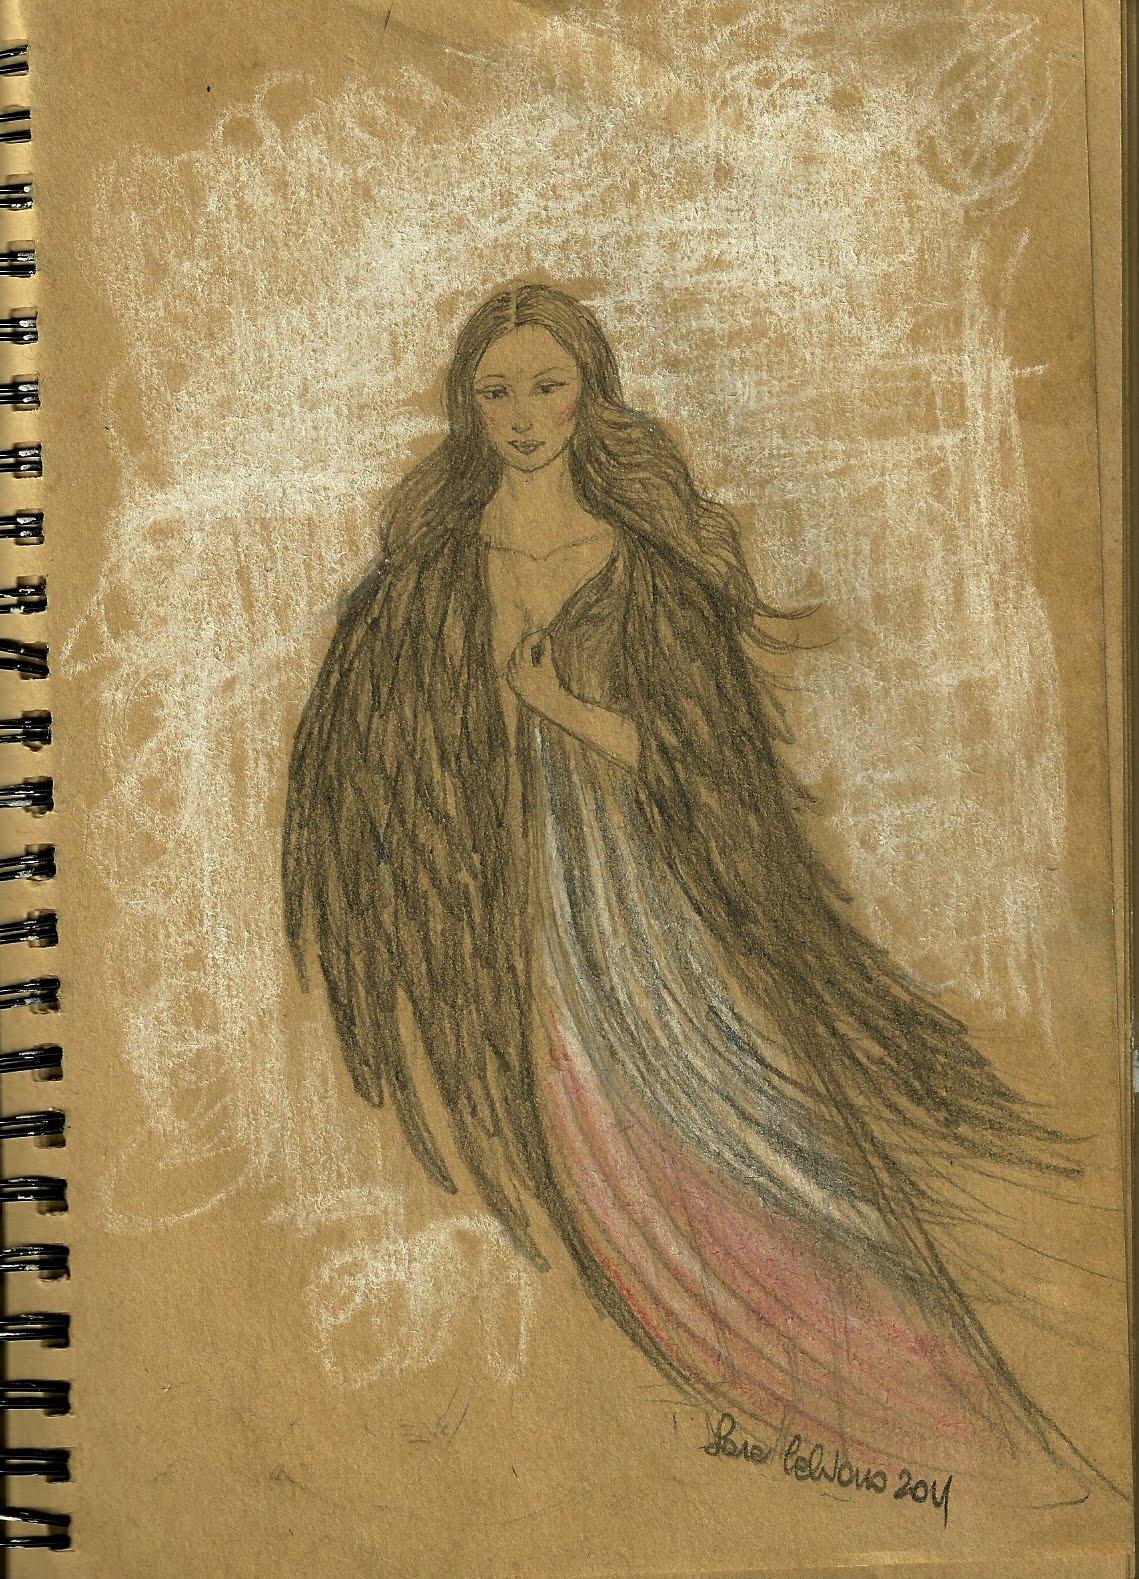 Il giardino dei coriandoli sketchavember aedm xxi day - Un angelo alla mia tavola ...